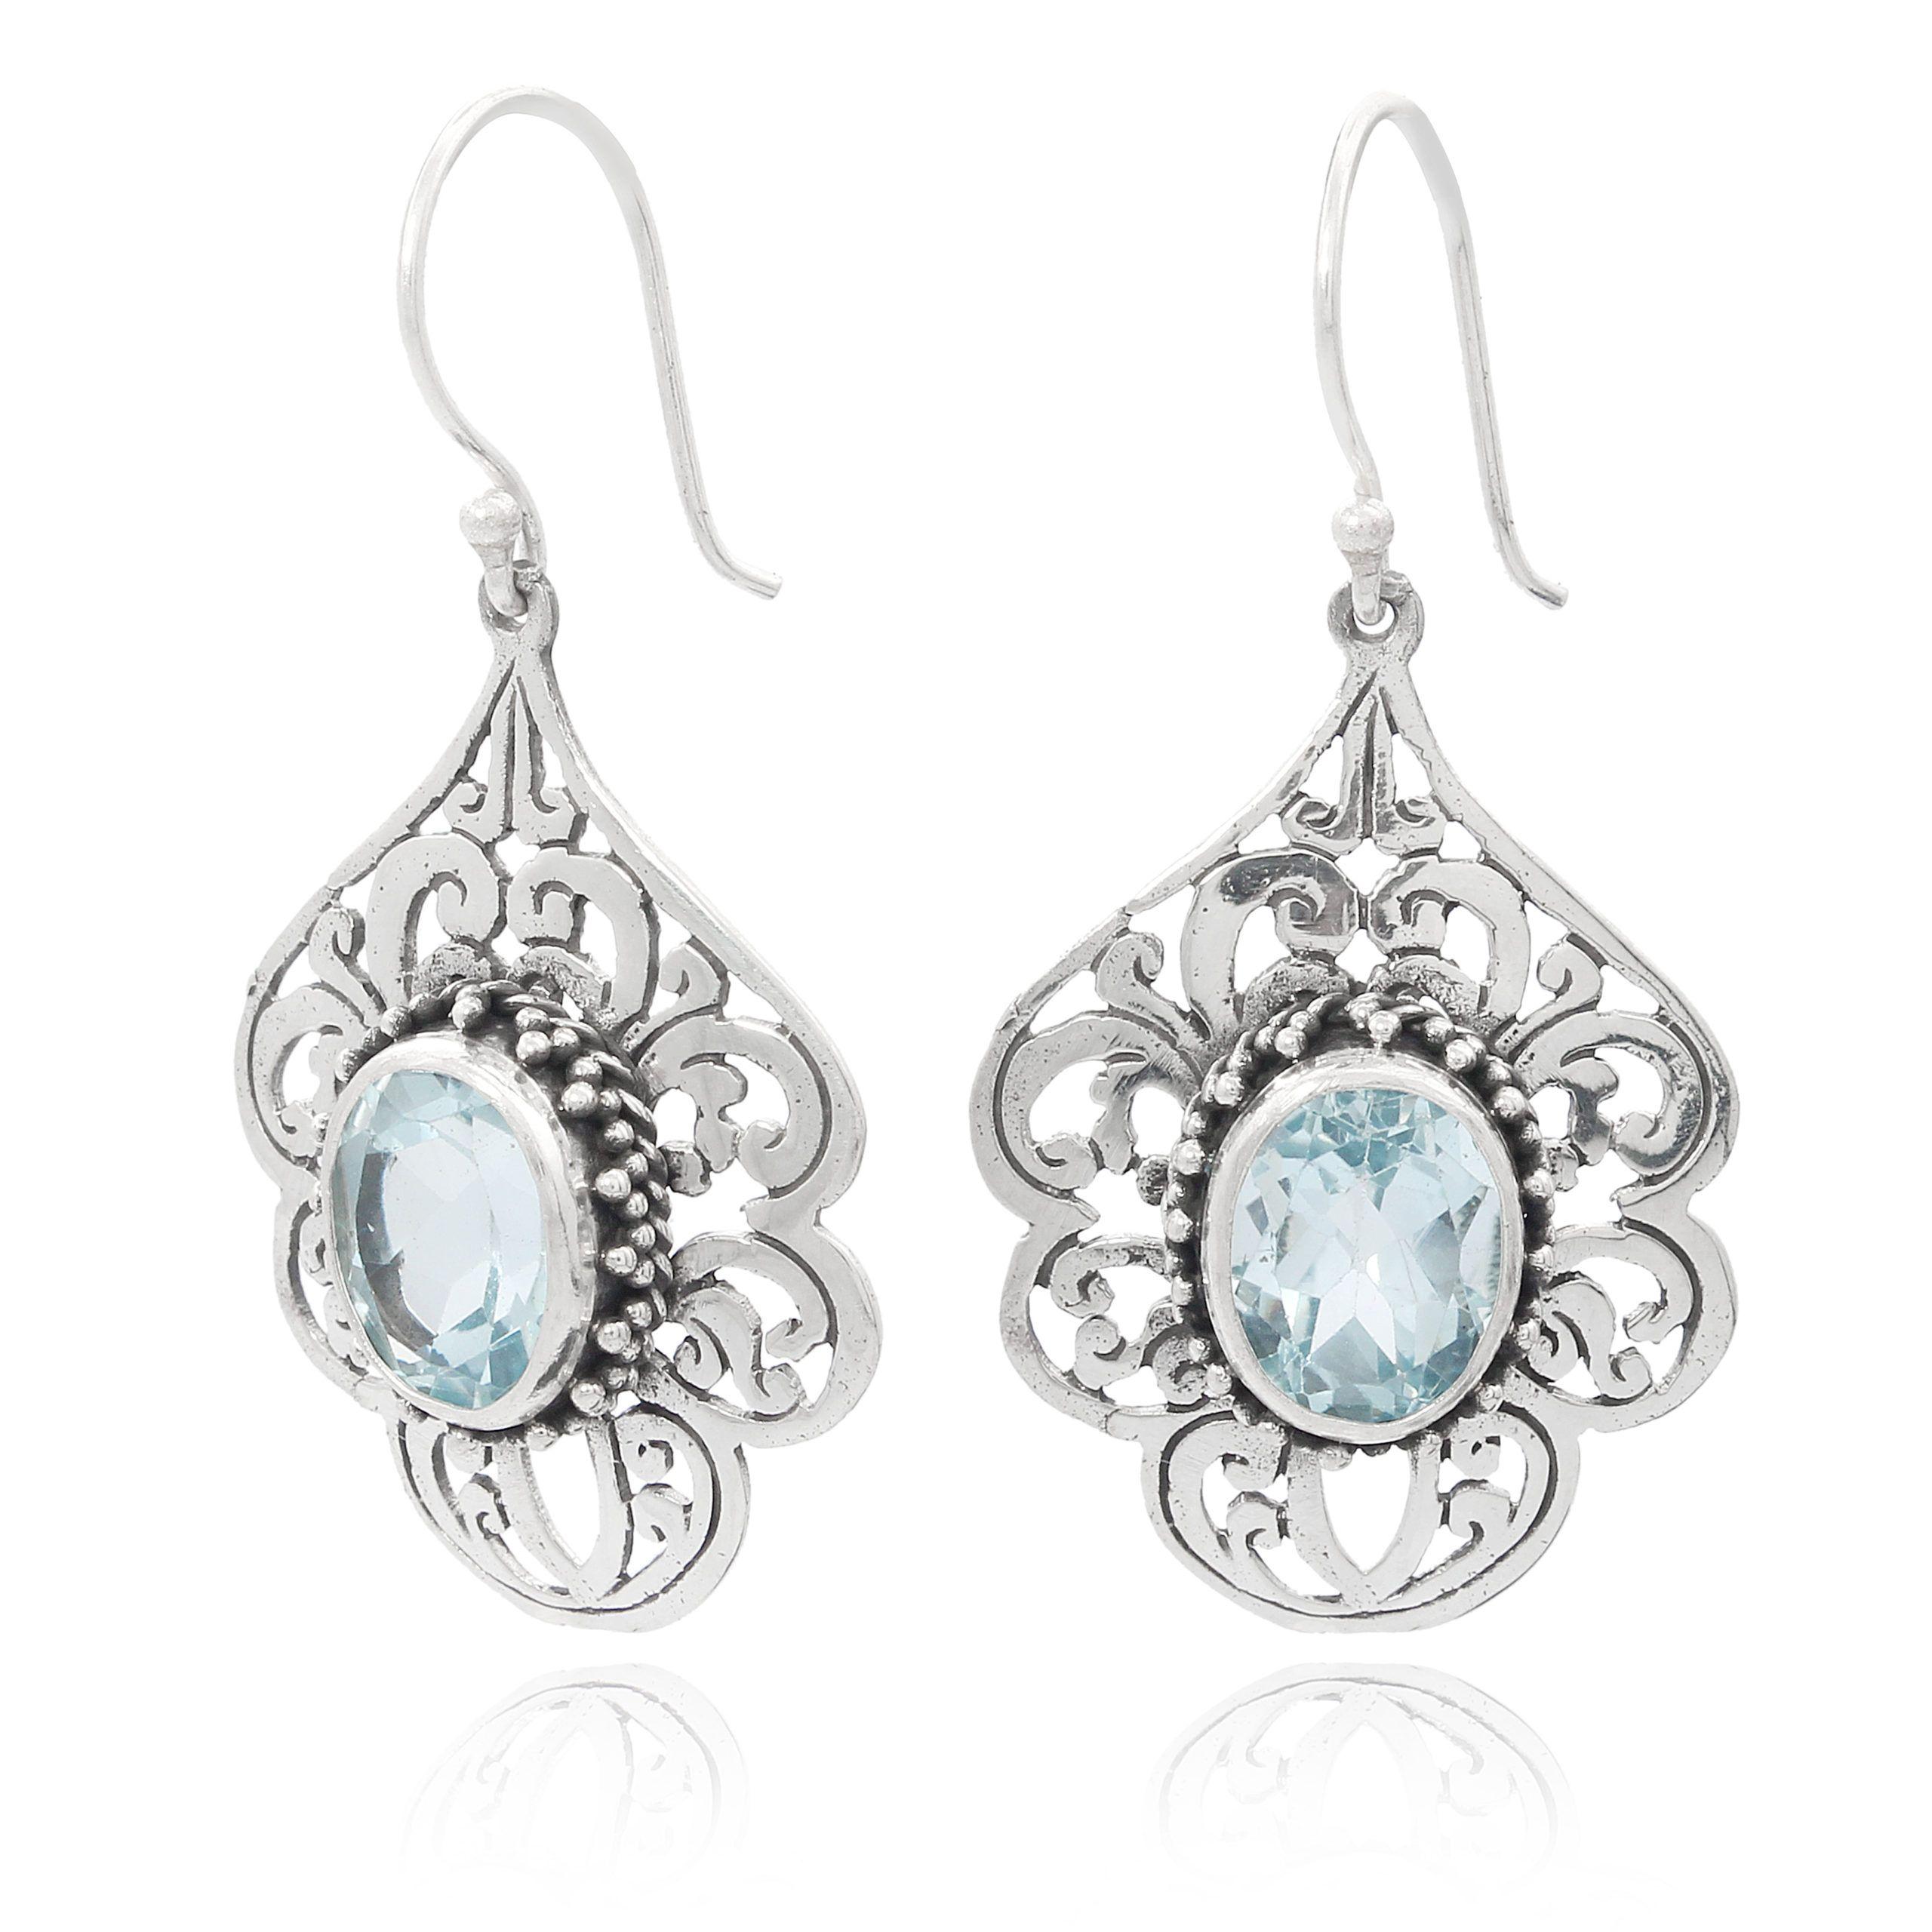 Pendientes artesanales de plata con topacio azul Shadi